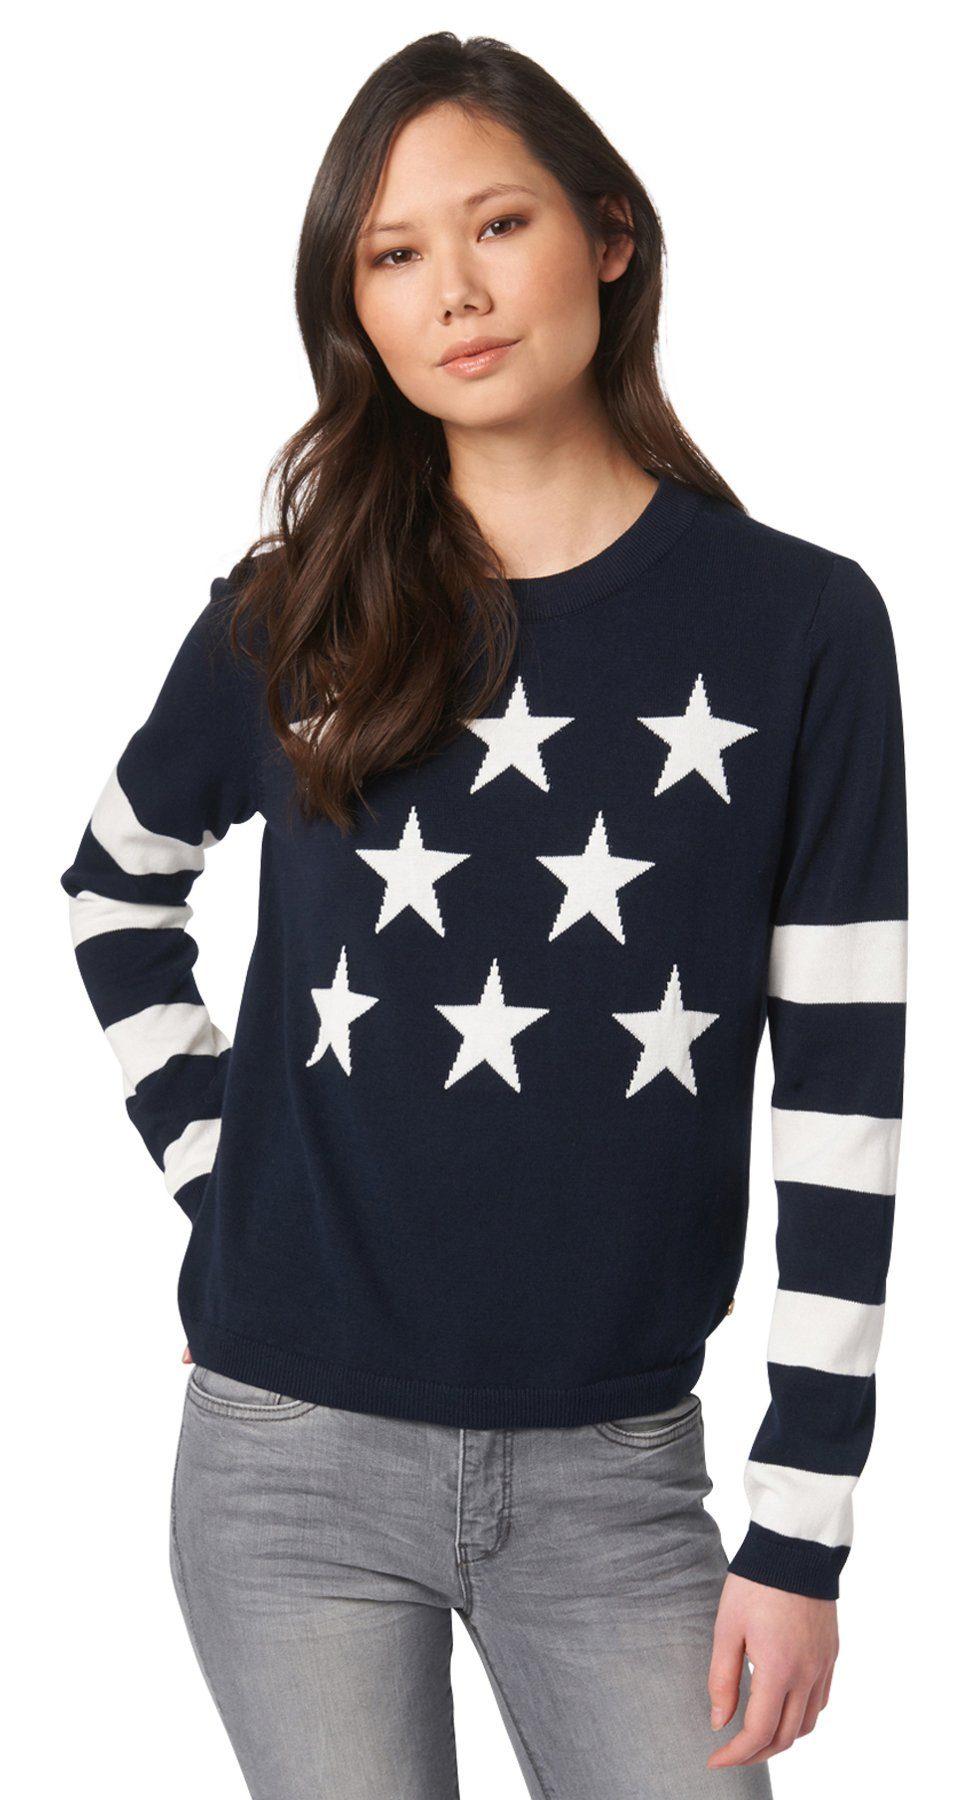 TOM TAILOR DENIM Pullover »Feinstrick-Pullover mit Sternen«